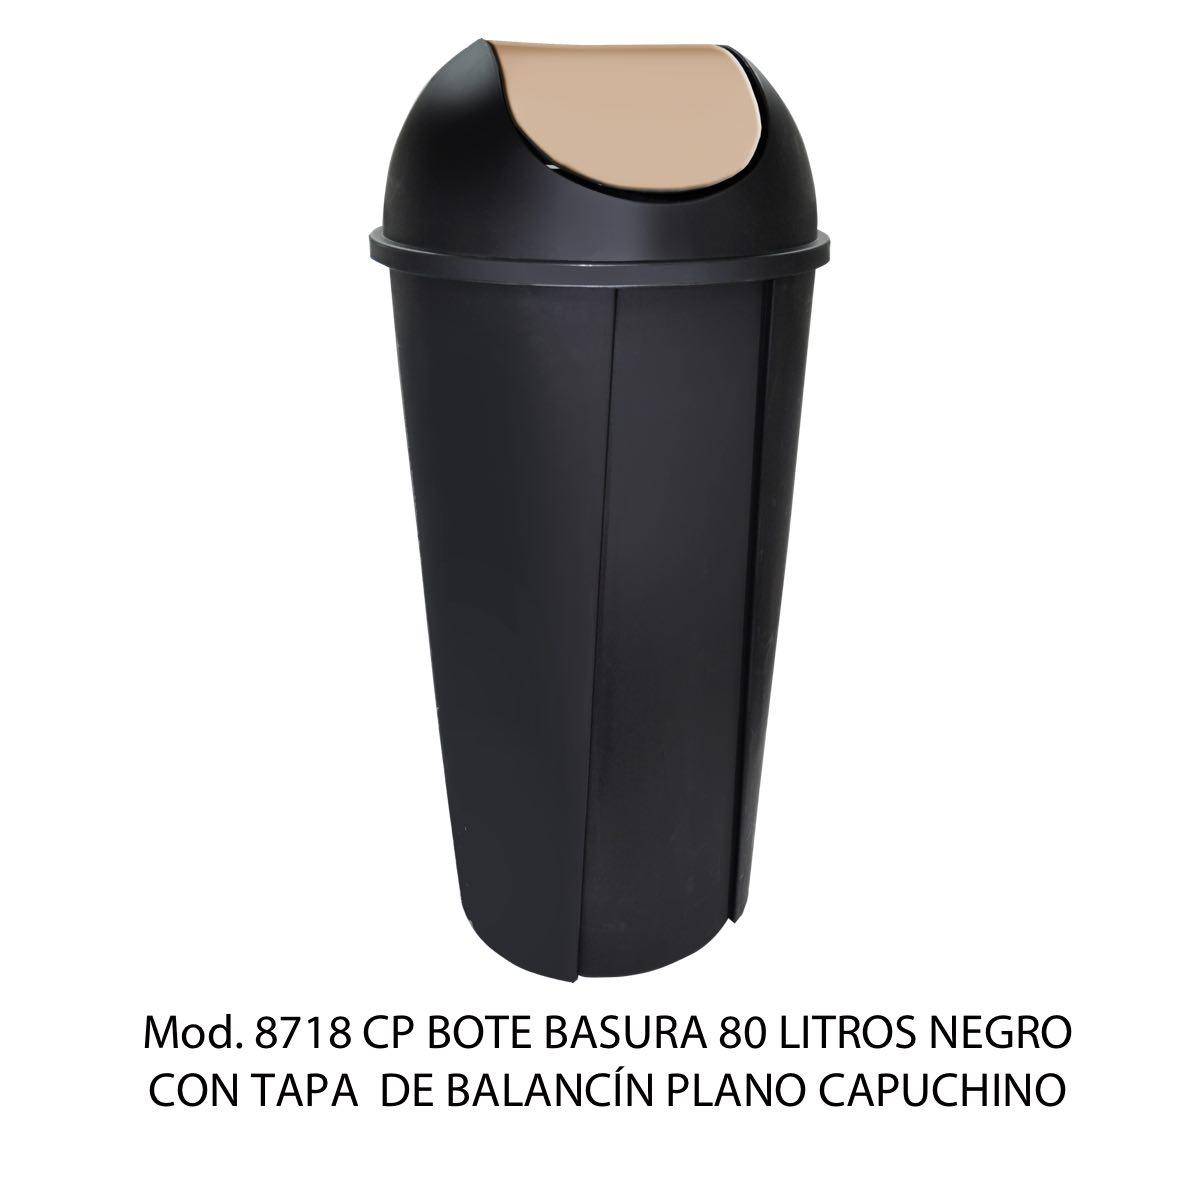 Bote de basura redondo negro de 80 litros con tapa capuchino tipo balancín liso modelo 8718 CP Sablón